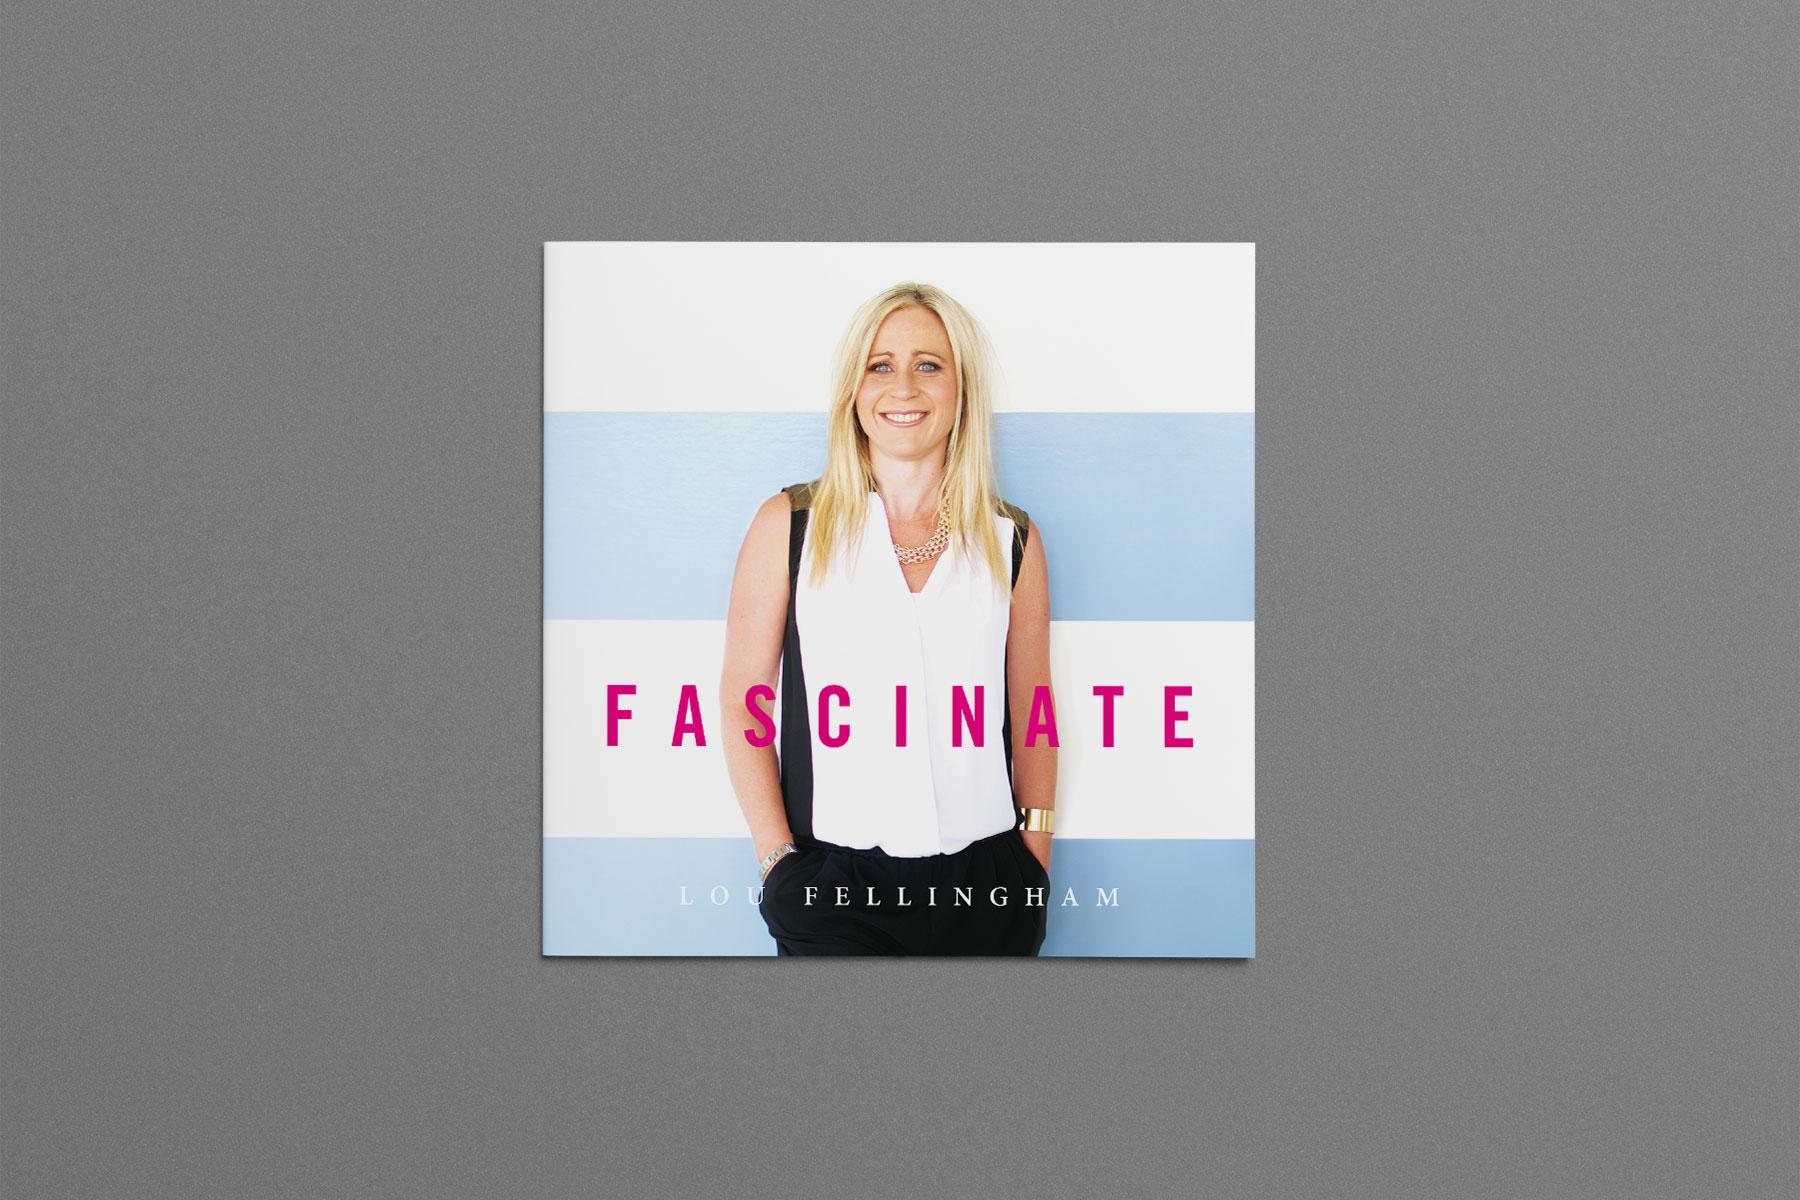 Lou Fellingham – Fascinate album design